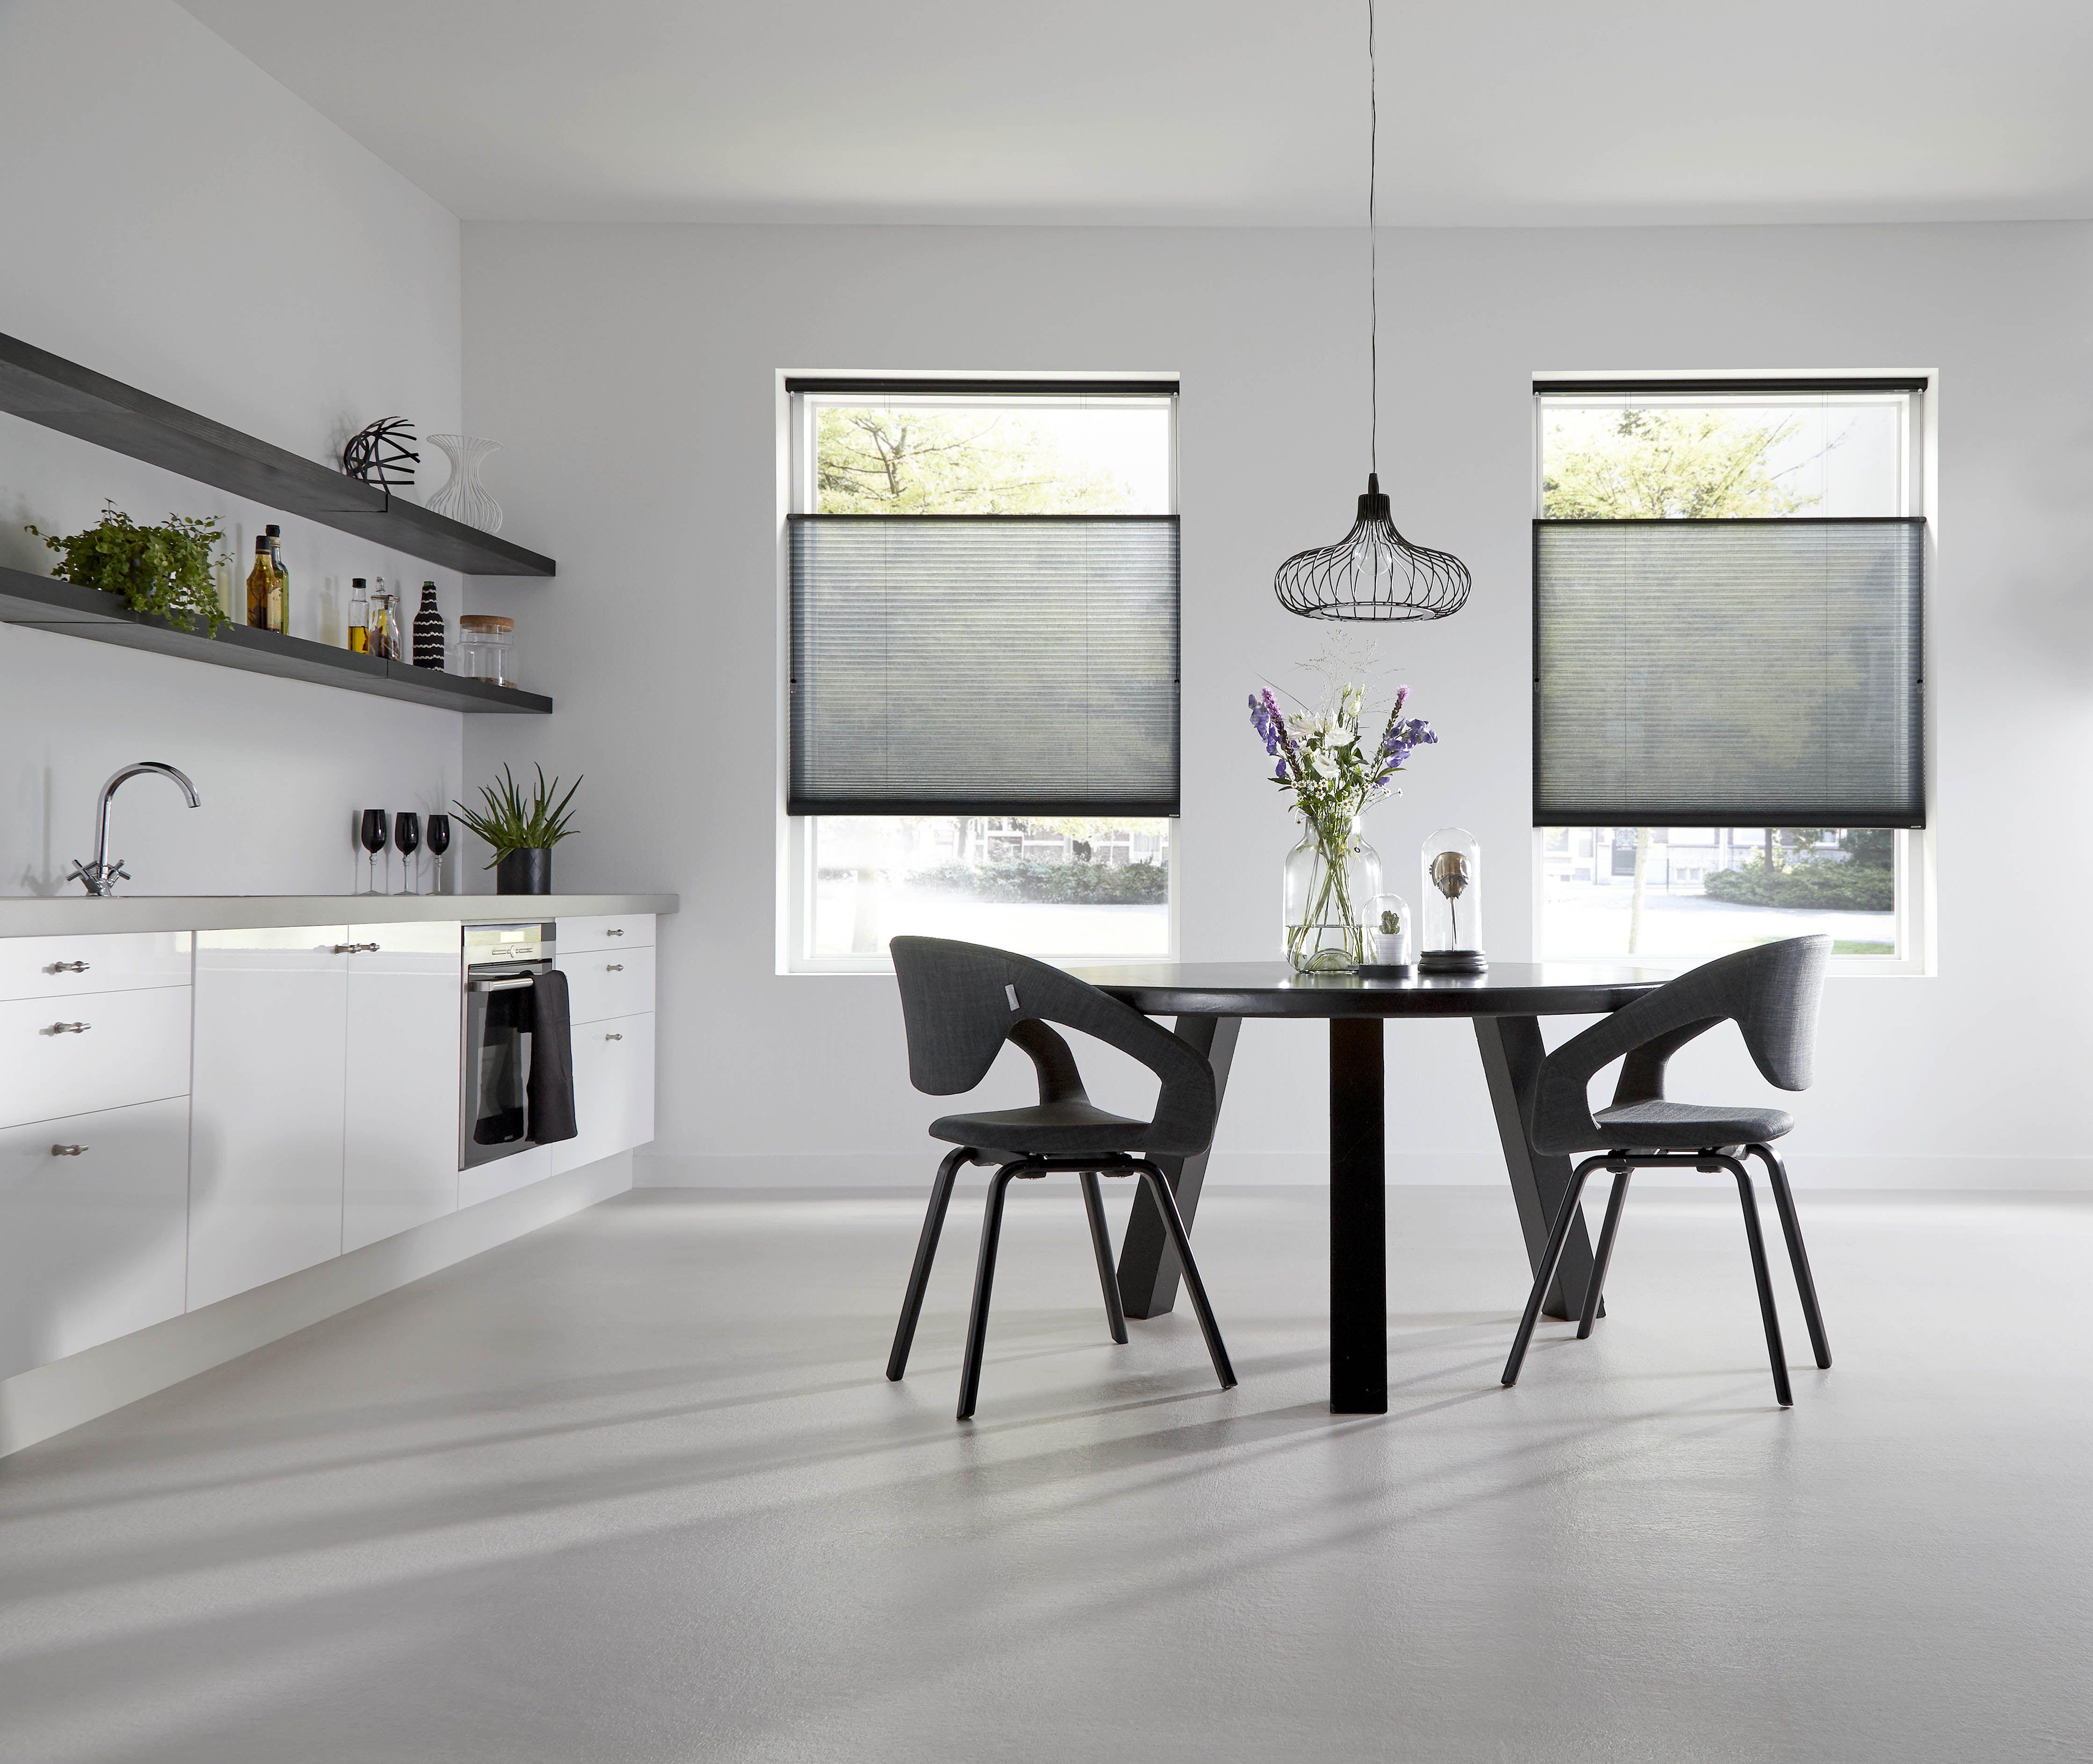 duette speel met het licht voor de meest optimale zonwering huismakeover blog. Black Bedroom Furniture Sets. Home Design Ideas